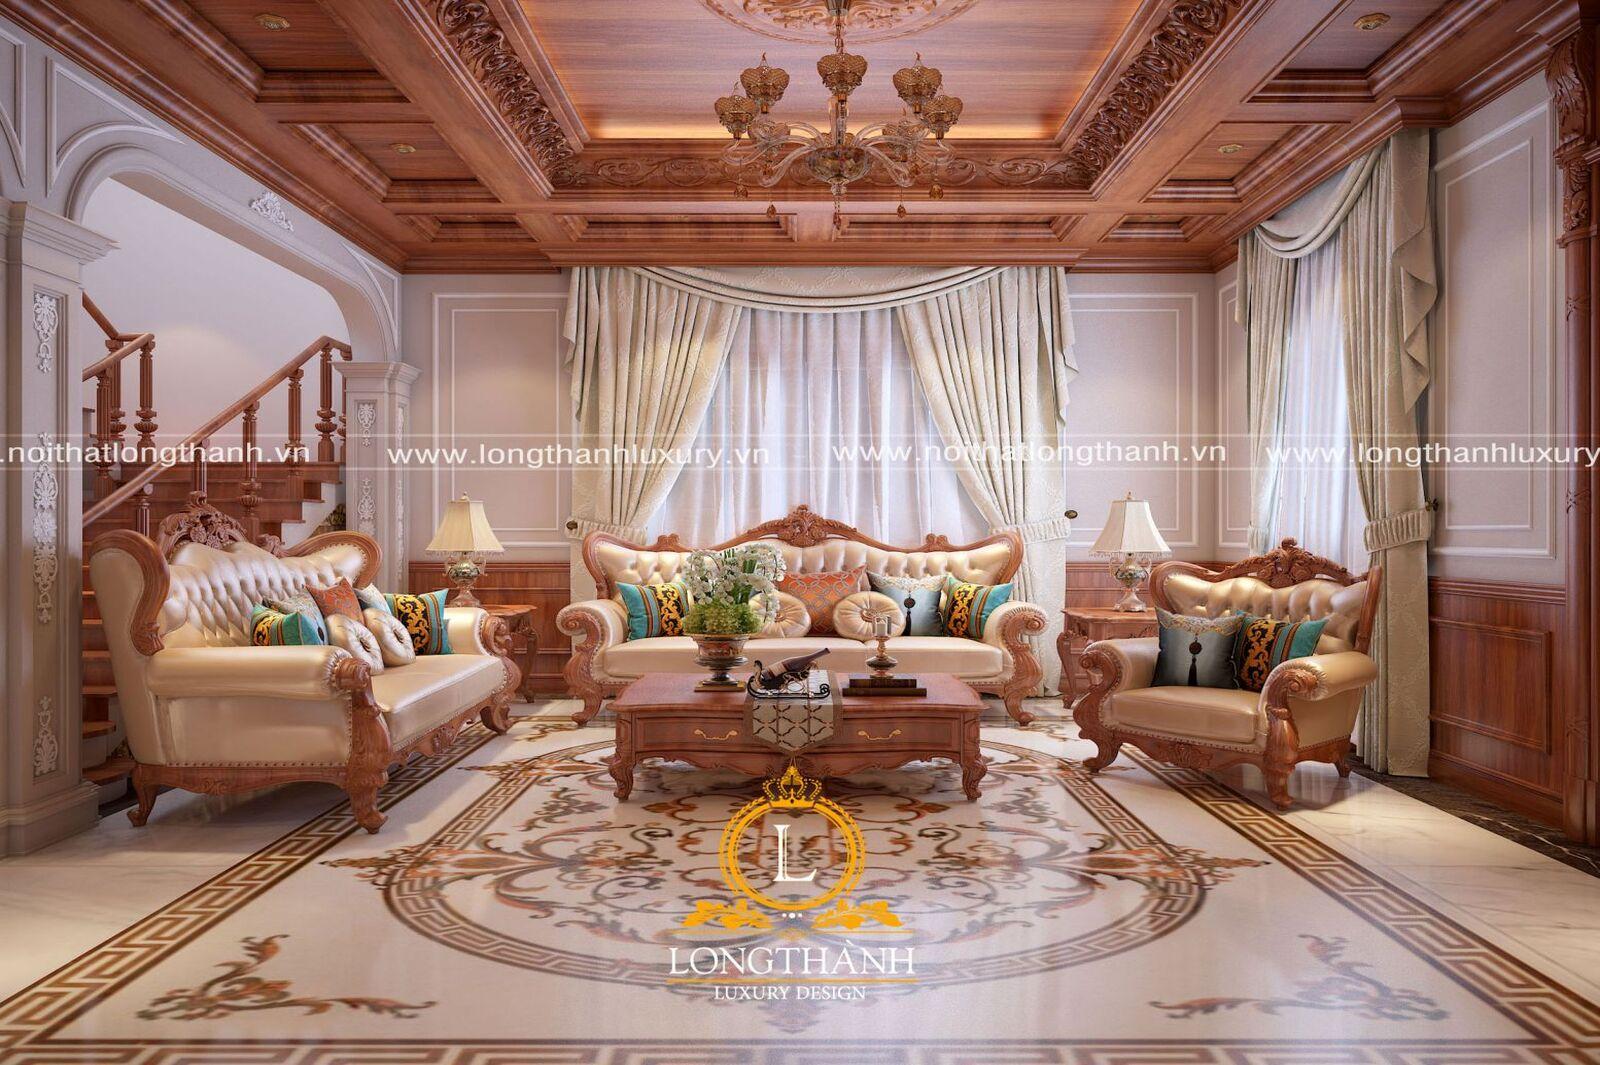 Thiết kế nội thất nhà phố gỗ tự nhiên theo phong cách tân cổ điển